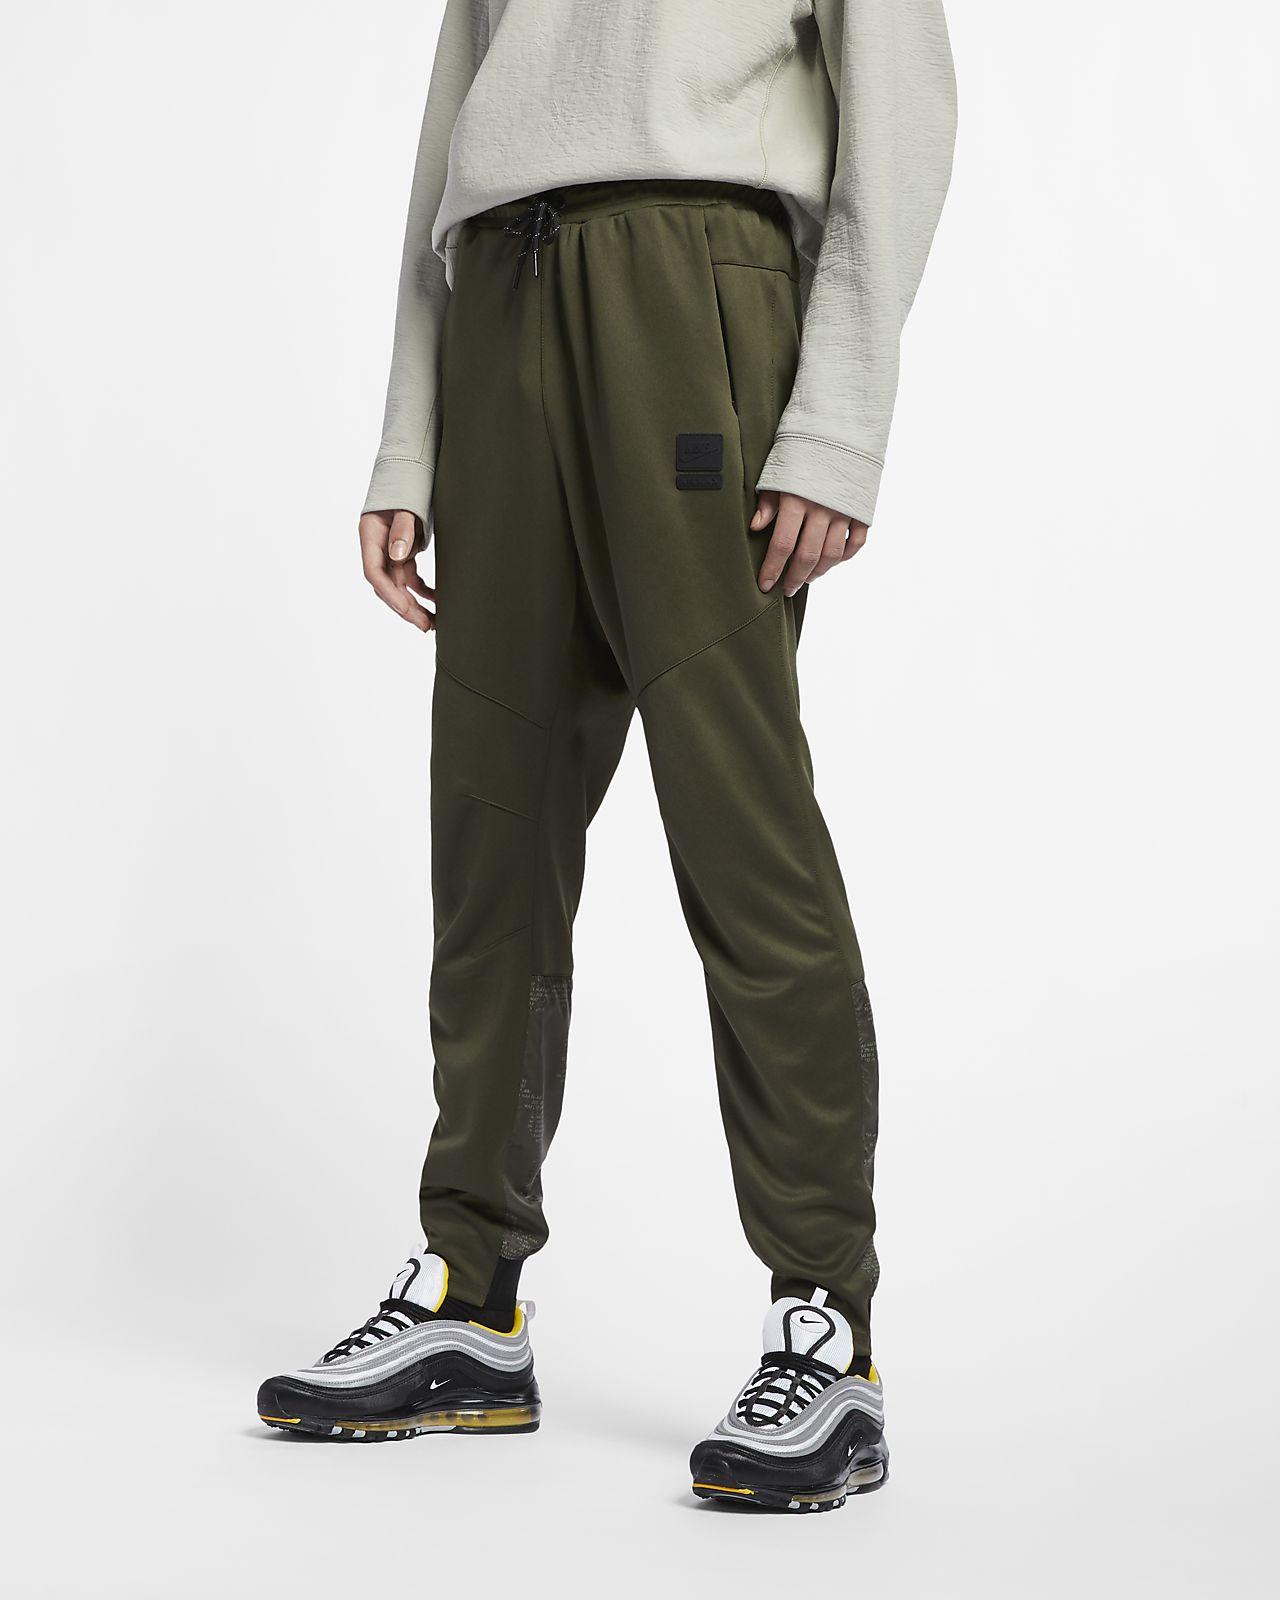 shades of best supplier discount sale Pantalon de jogging Nike Air Max pour Homme